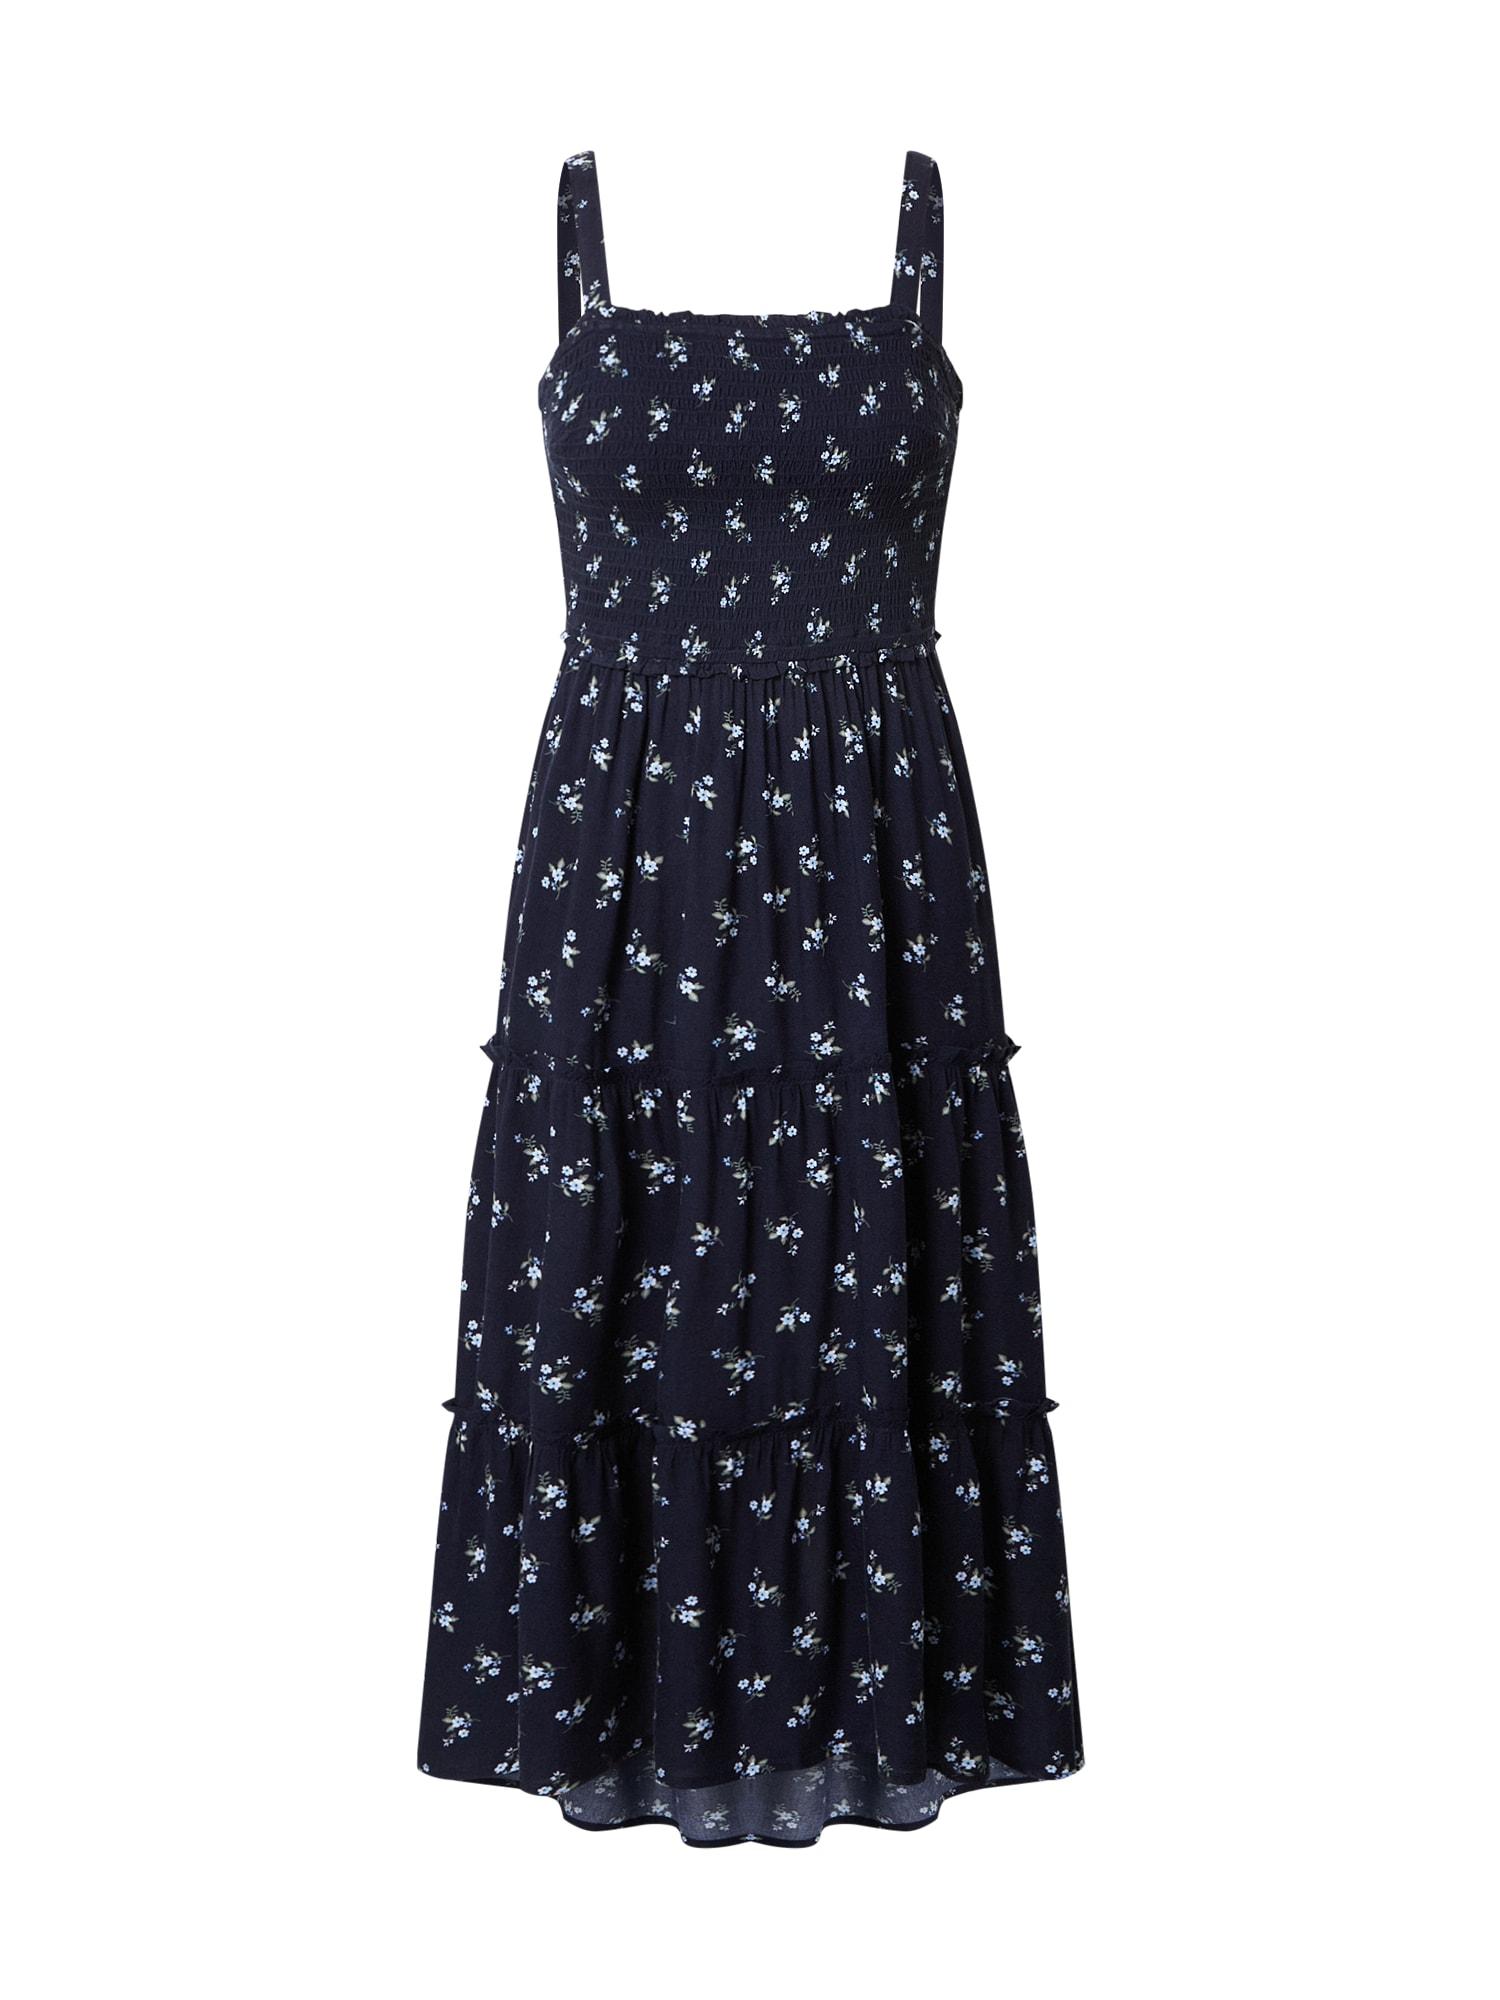 HOLLISTER Vasarinė suknelė tamsiai mėlyna / šviesiai mėlyna / žalia / balta